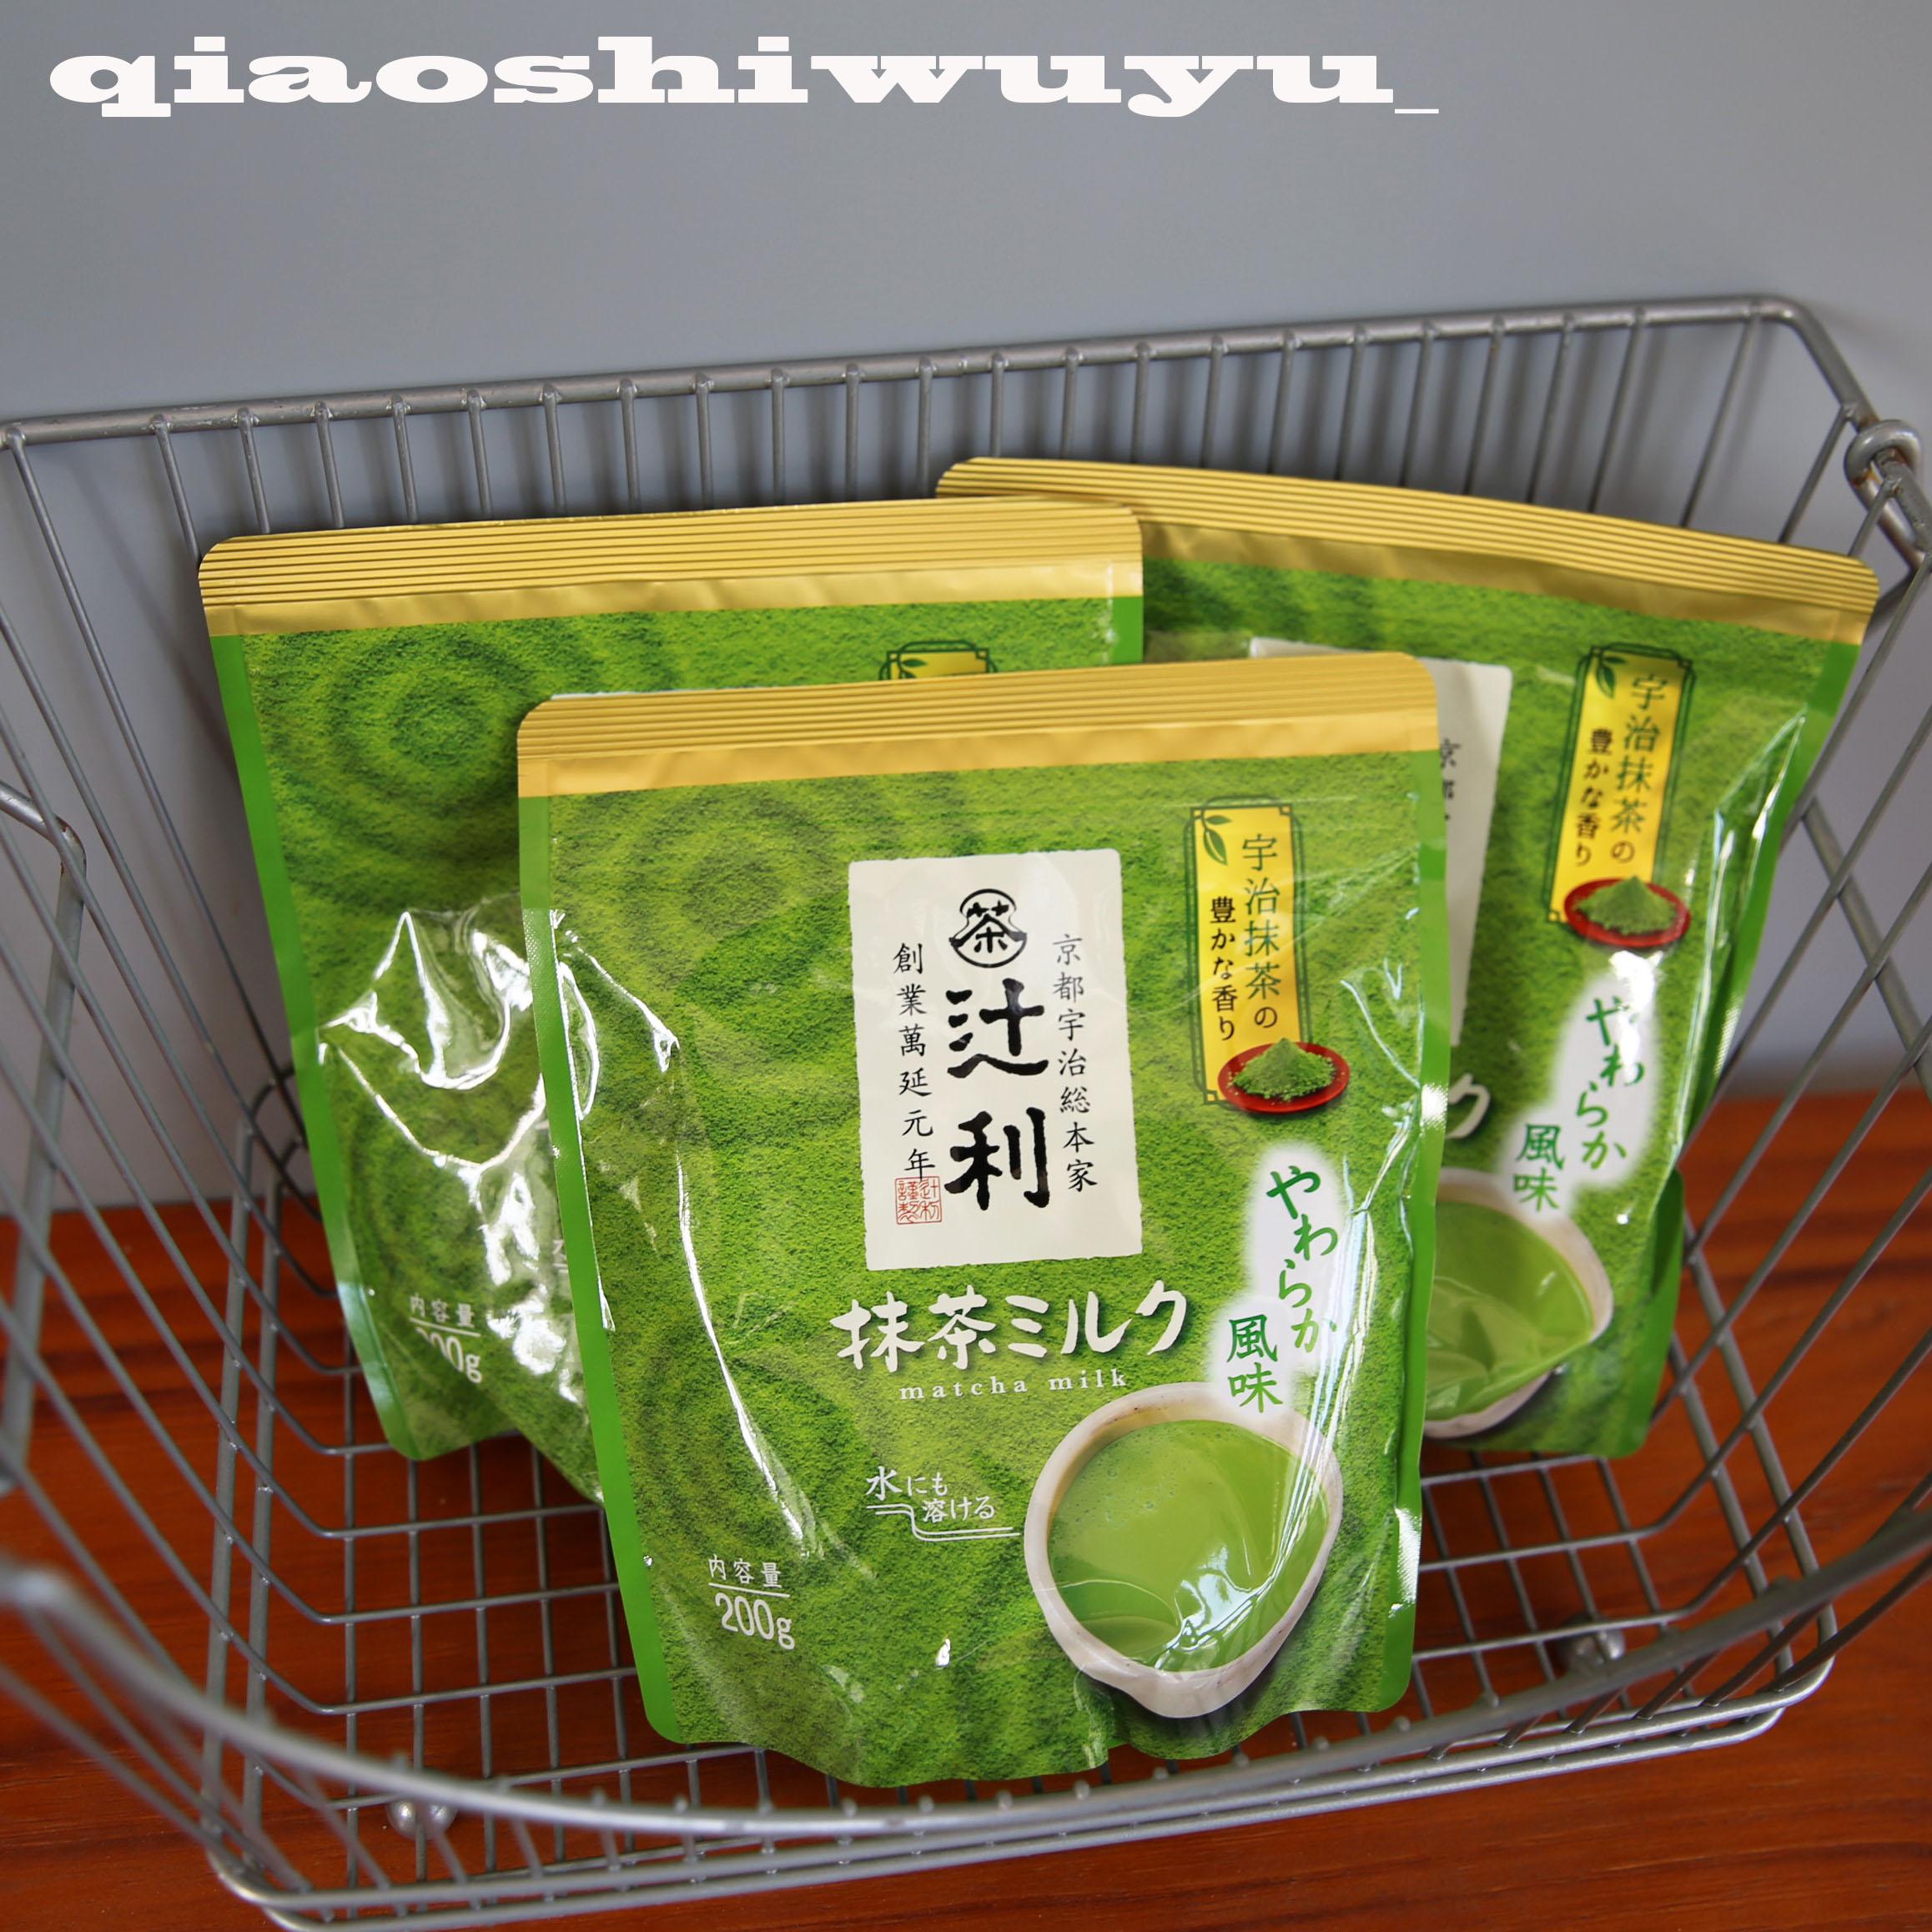 心动价 现货 日本京都�y利宇治抹茶拿铁奶茶抹茶粉 200g